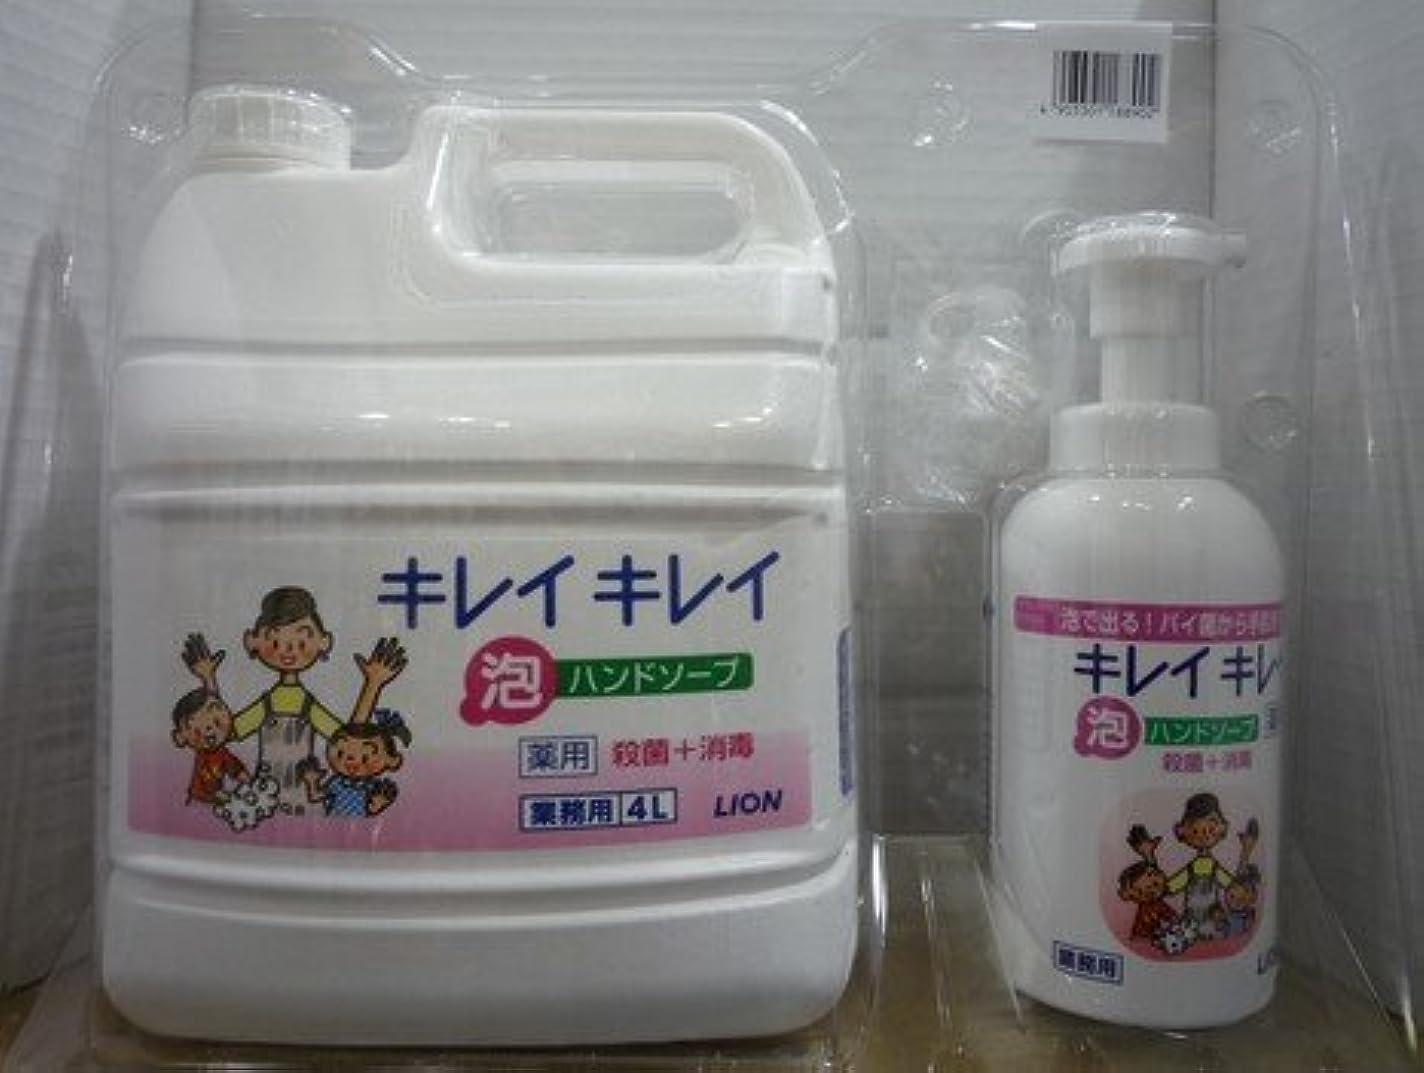 他に周囲達成キレイキレイ 薬用泡ハンドソープ 業務用 4L+キレイキレイ 薬用泡ハンドソープボトル550ml